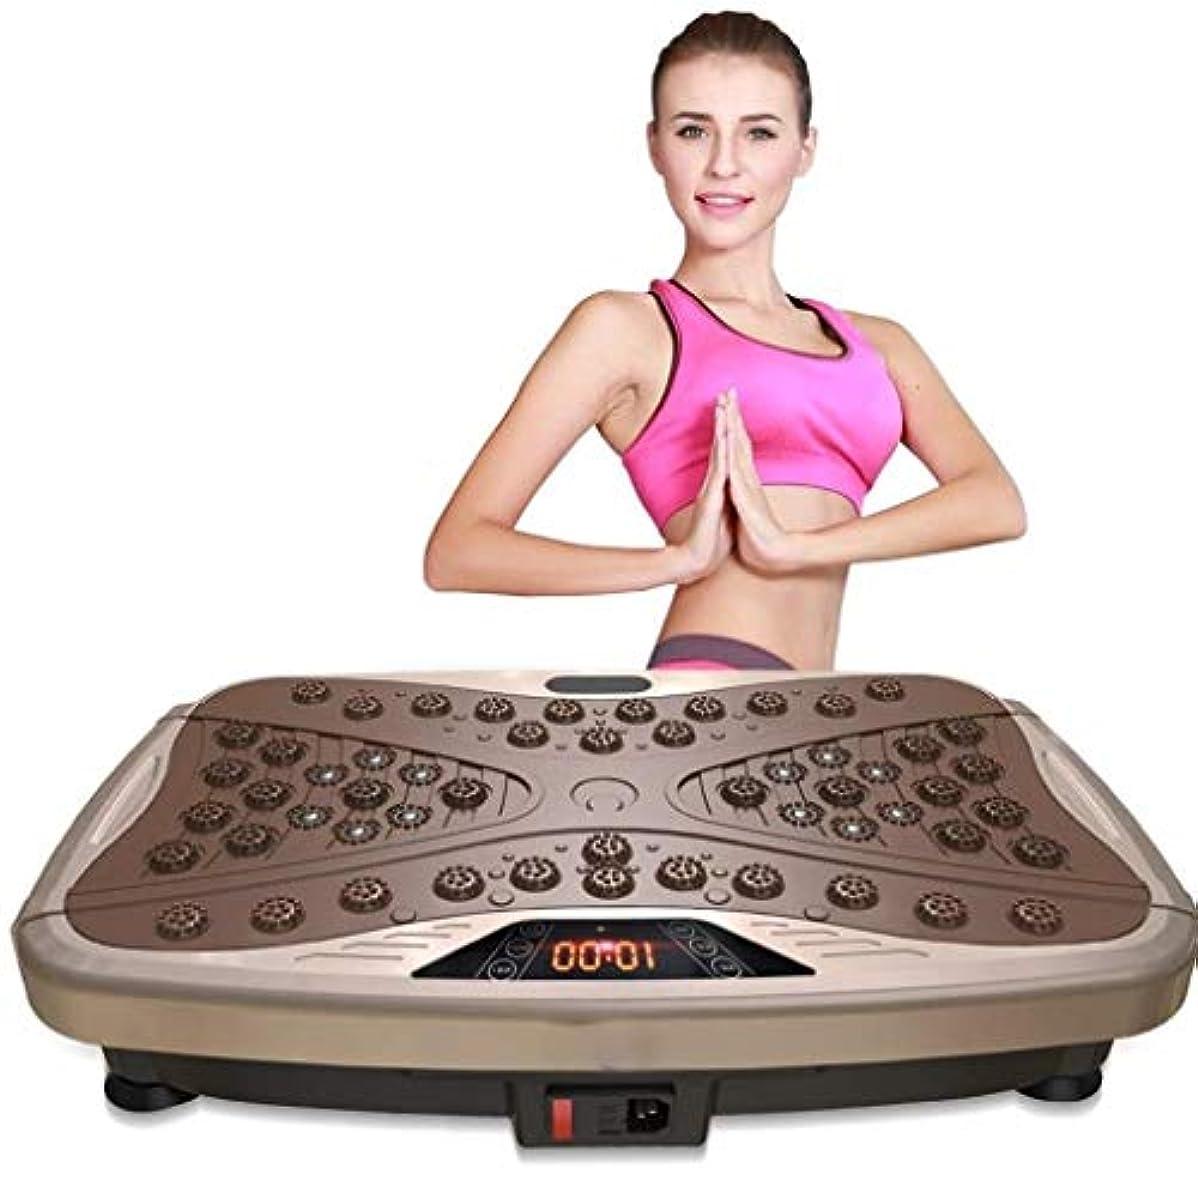 精神的に偏心スペシャリスト減量マシン、ジム/ホームフィットネス全身振動トレーナー、ジムホームオフィスの振動で余分な脂肪を減らす